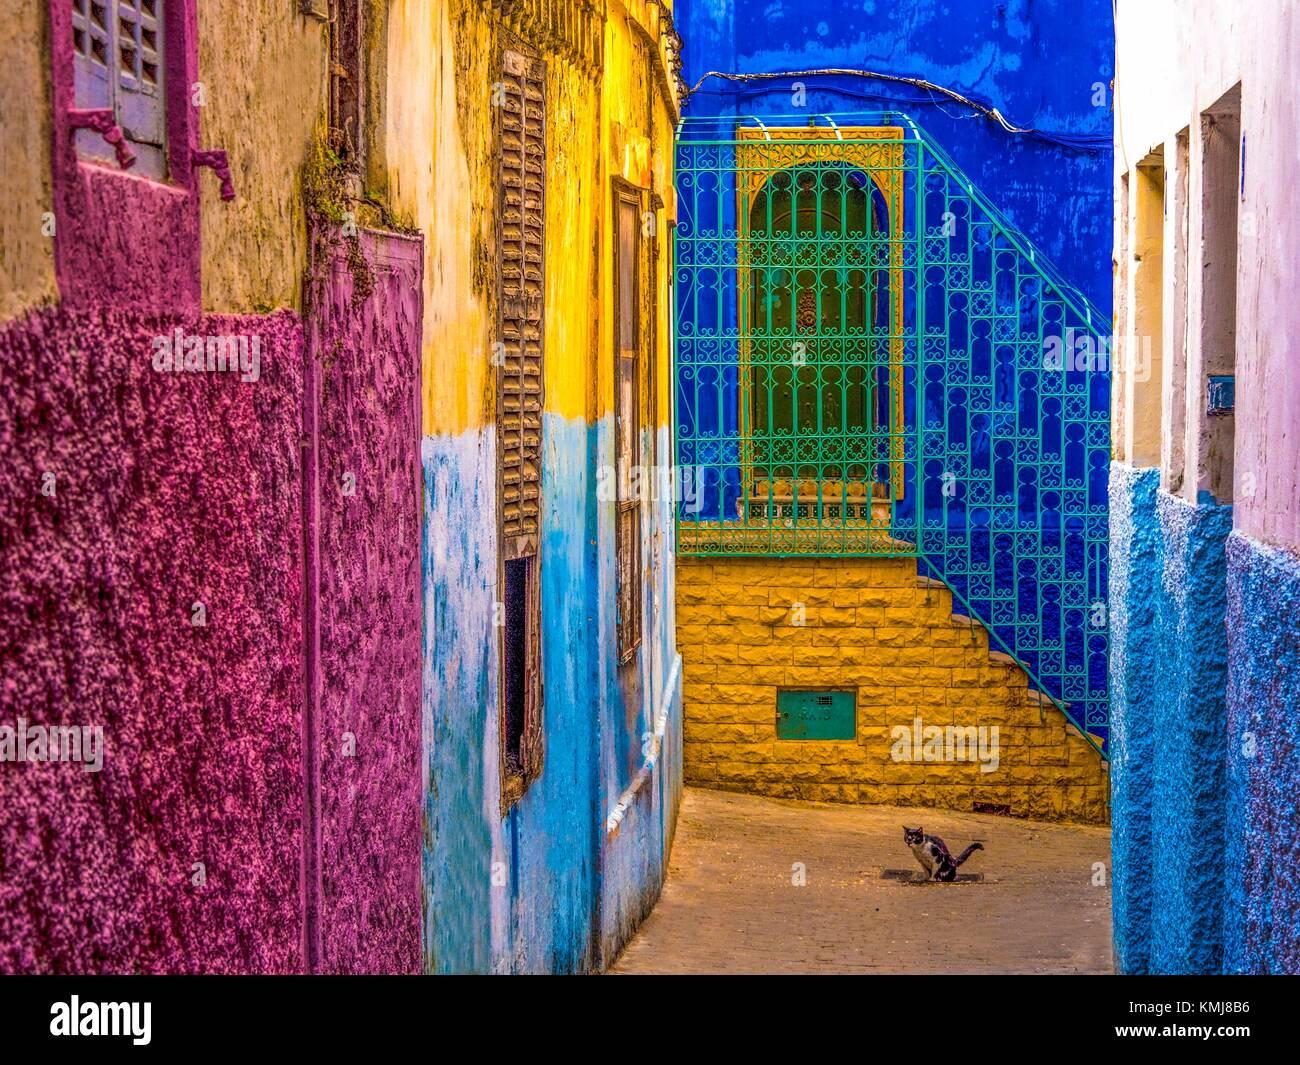 Marokko, Tanger, in der 'MEdina' (Altstadt) von Tanger. Stockbild